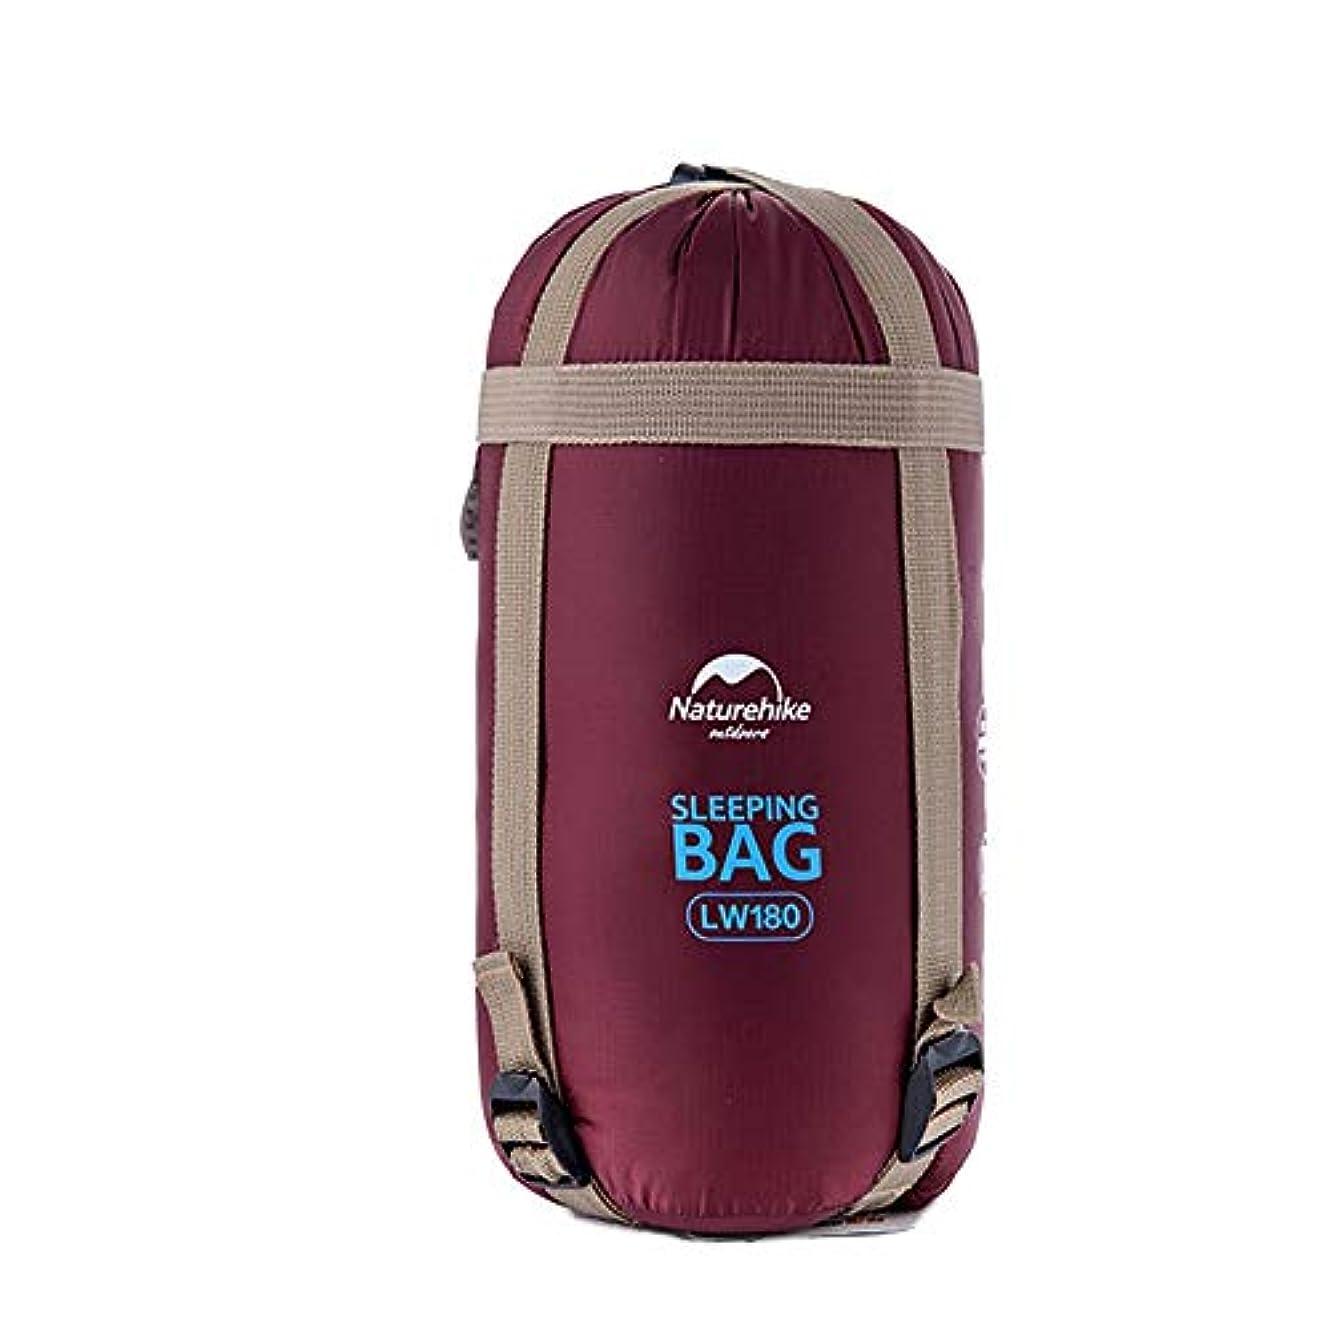 容疑者離婚引き金190のX 75センチメートル - アウトドアキャンプのために暖かい寝袋袋をキープ320Dナイロン